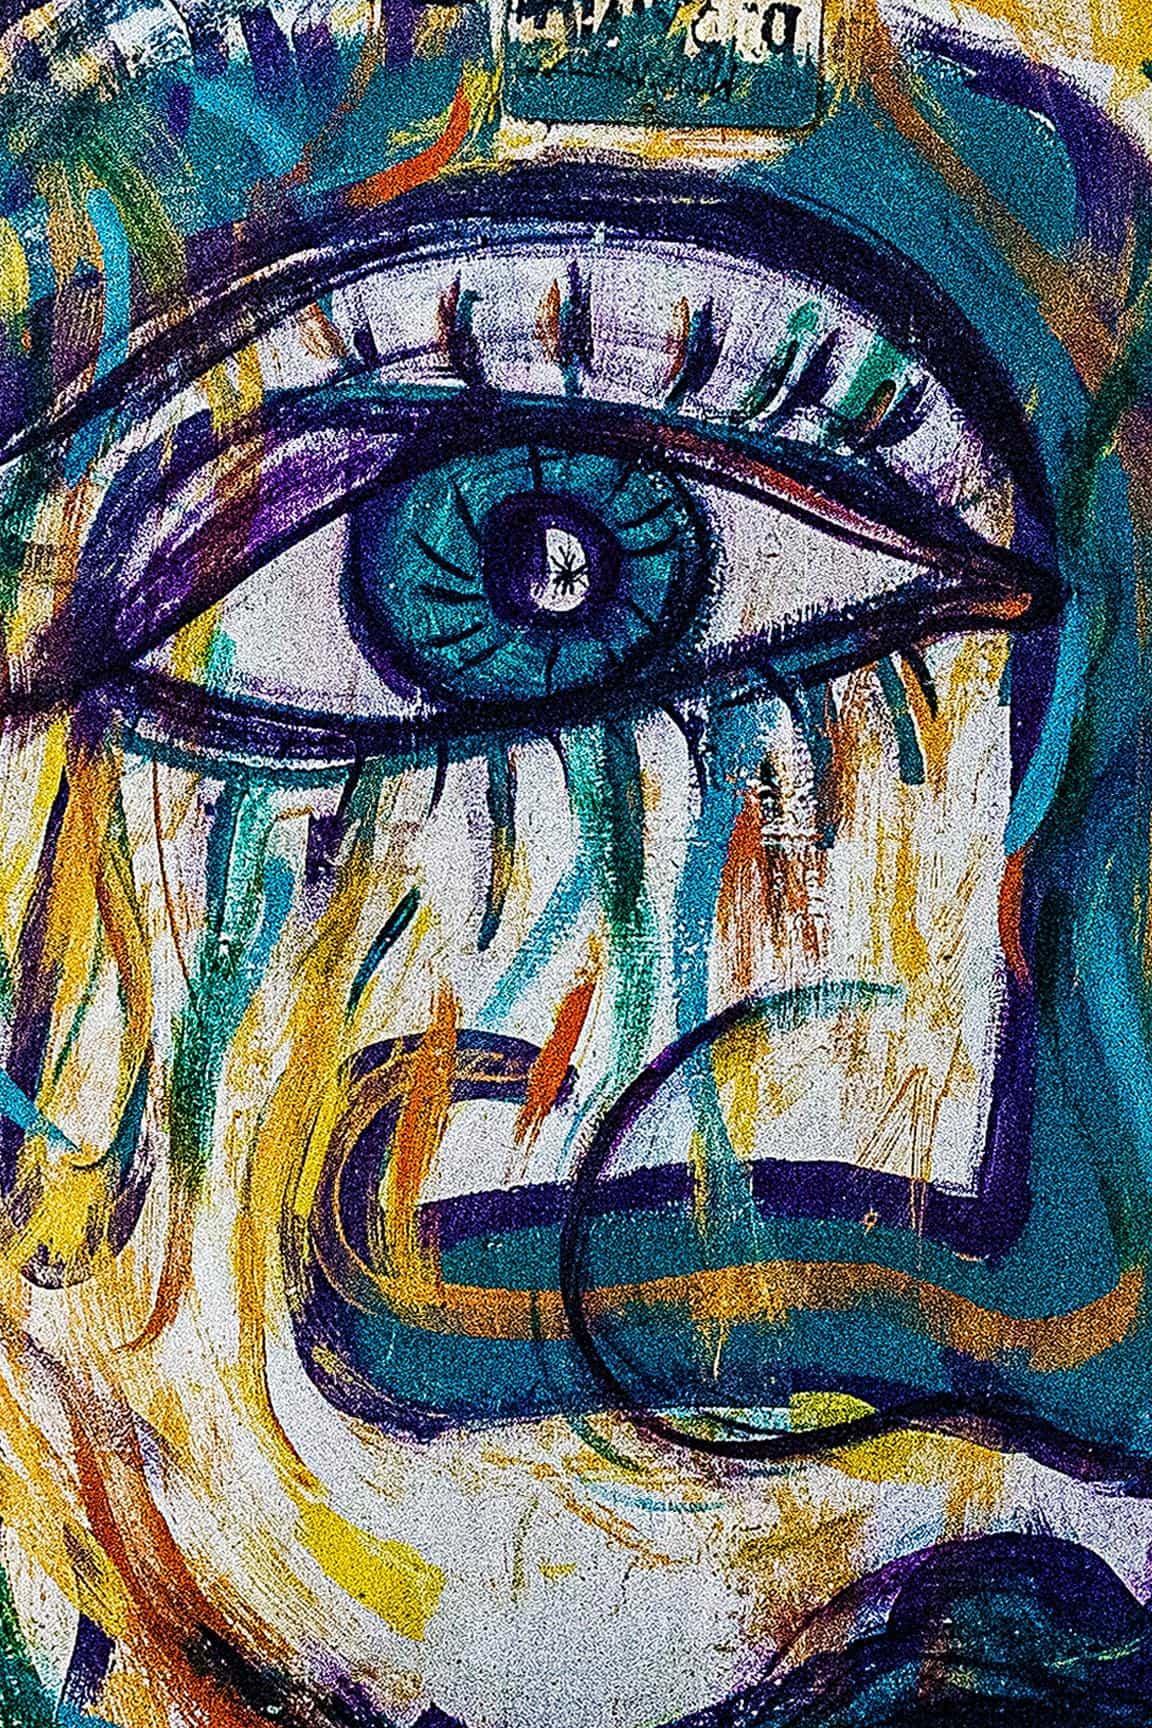 Imagen gratis arte graffiti artstico efectos visuales